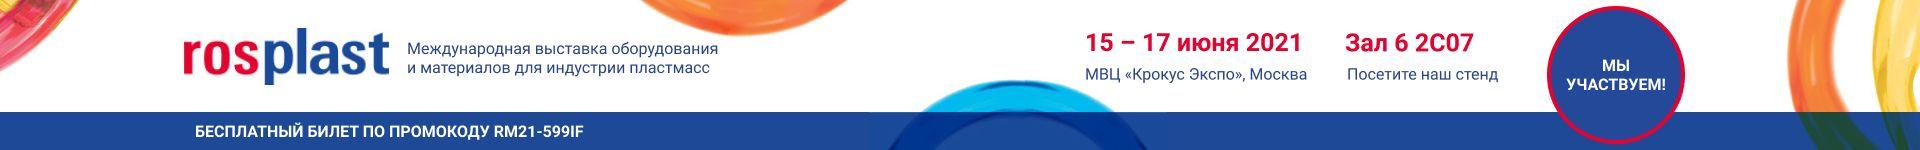 Международная выставка оборудования и материалов для индустрии пластмасс